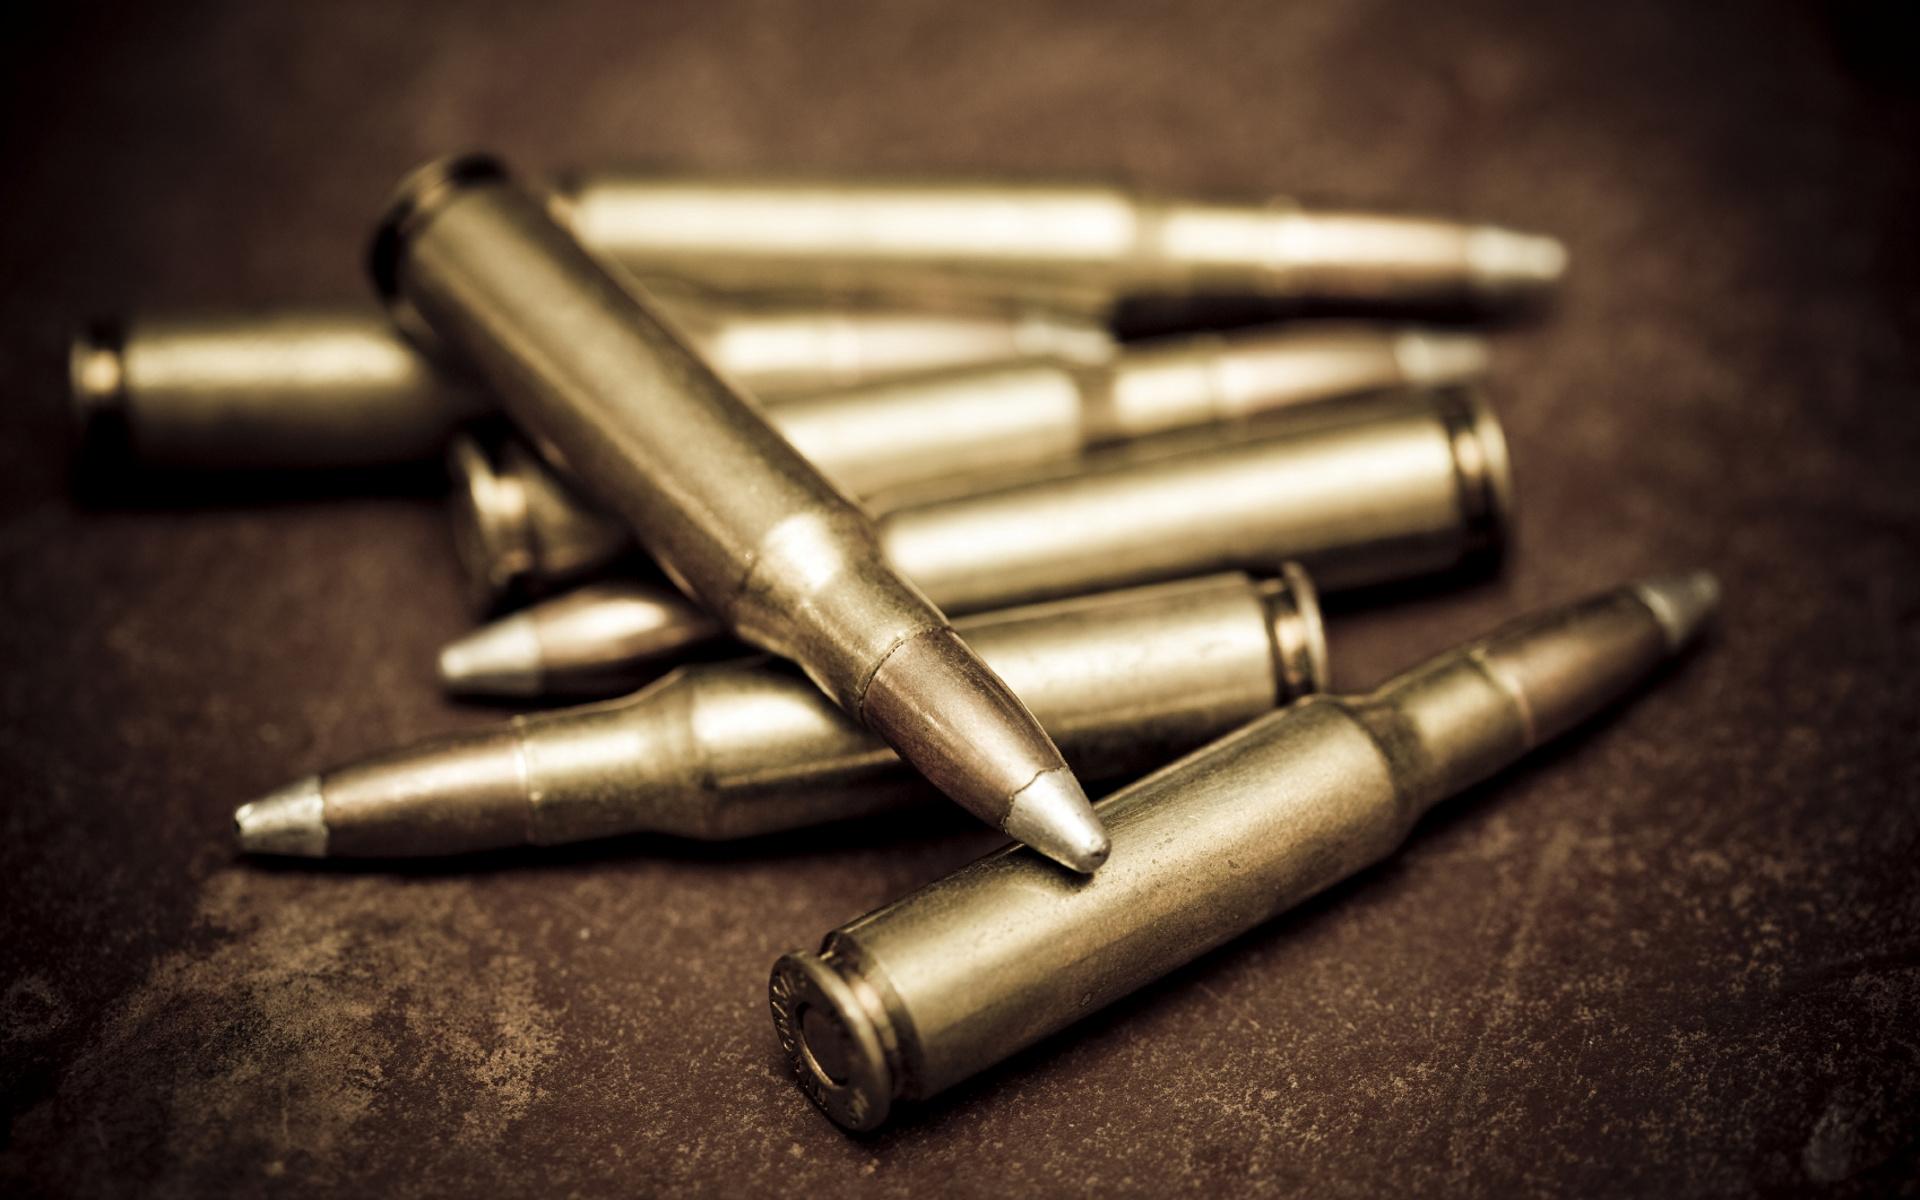 Hd wallpaper gun - Gun Bullet Backgrounds Hd Wallpaper And Make This Wallpaper For Your